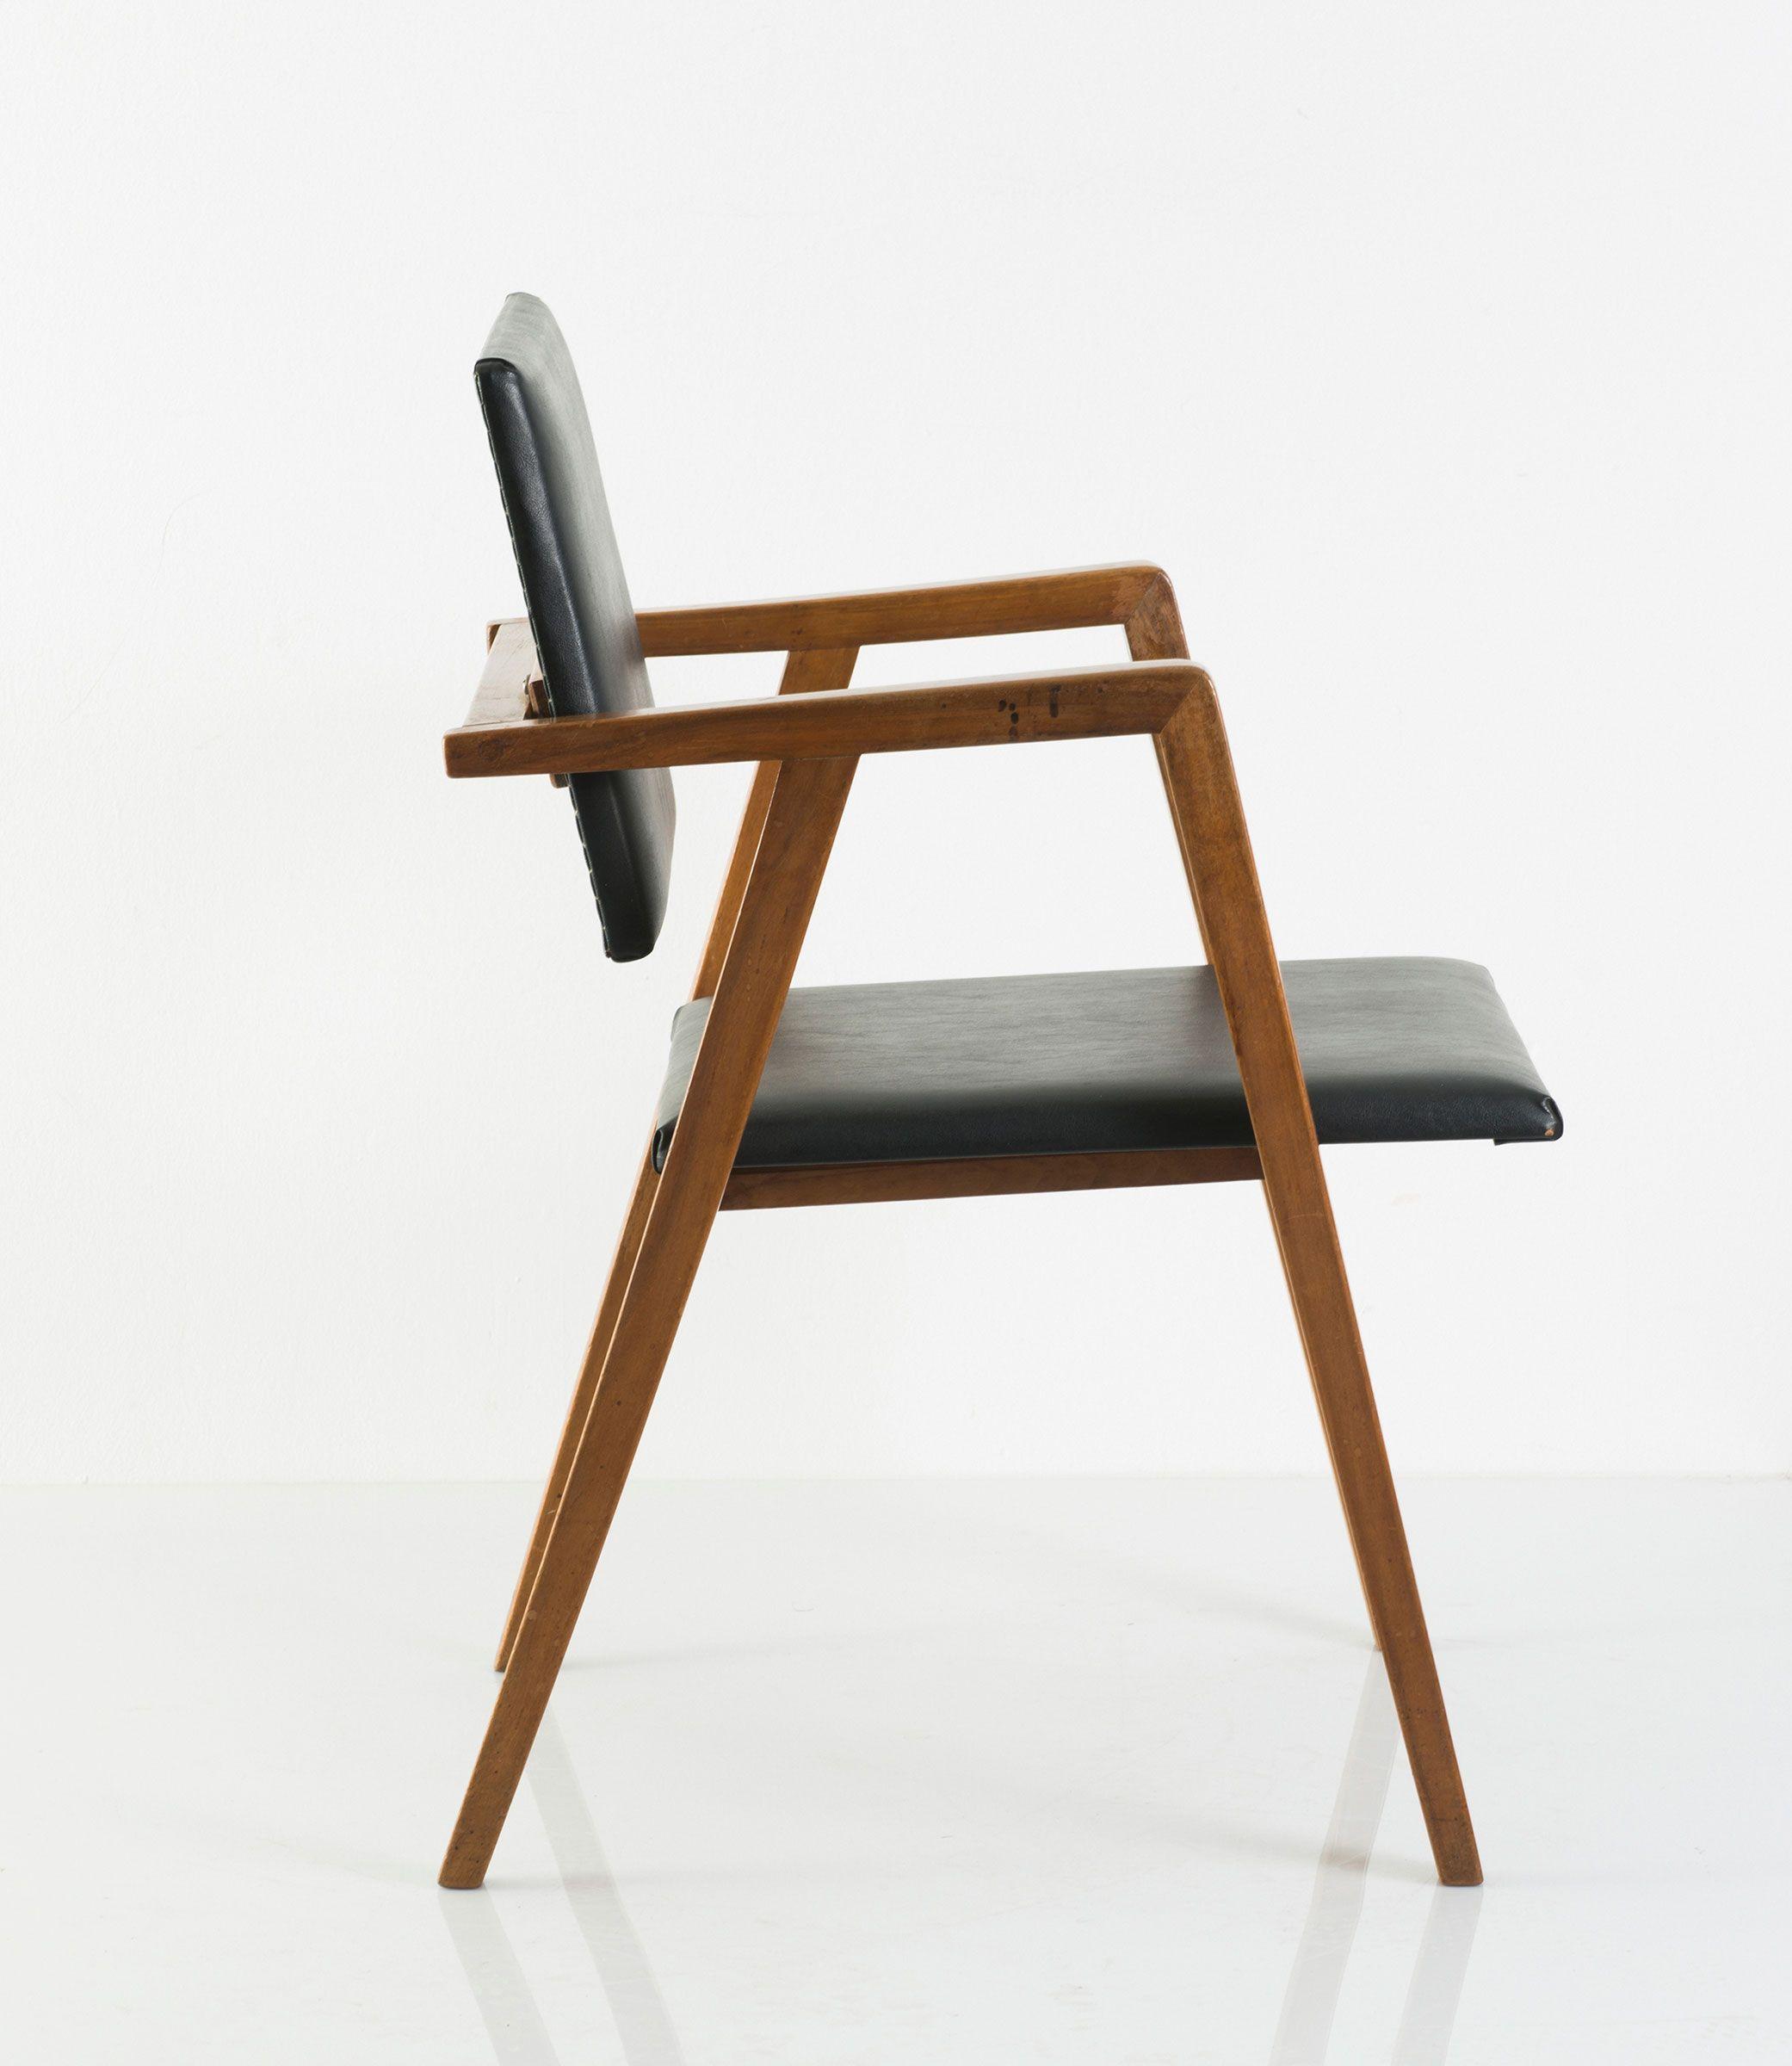 Description Franco Albini Prototype Villa Berio Chair C1948 H 78 X 51 X 58 Cm Made By Poggi Milan Nutwood Cadeiras Design Mesas E Cadeiras Cadeiras